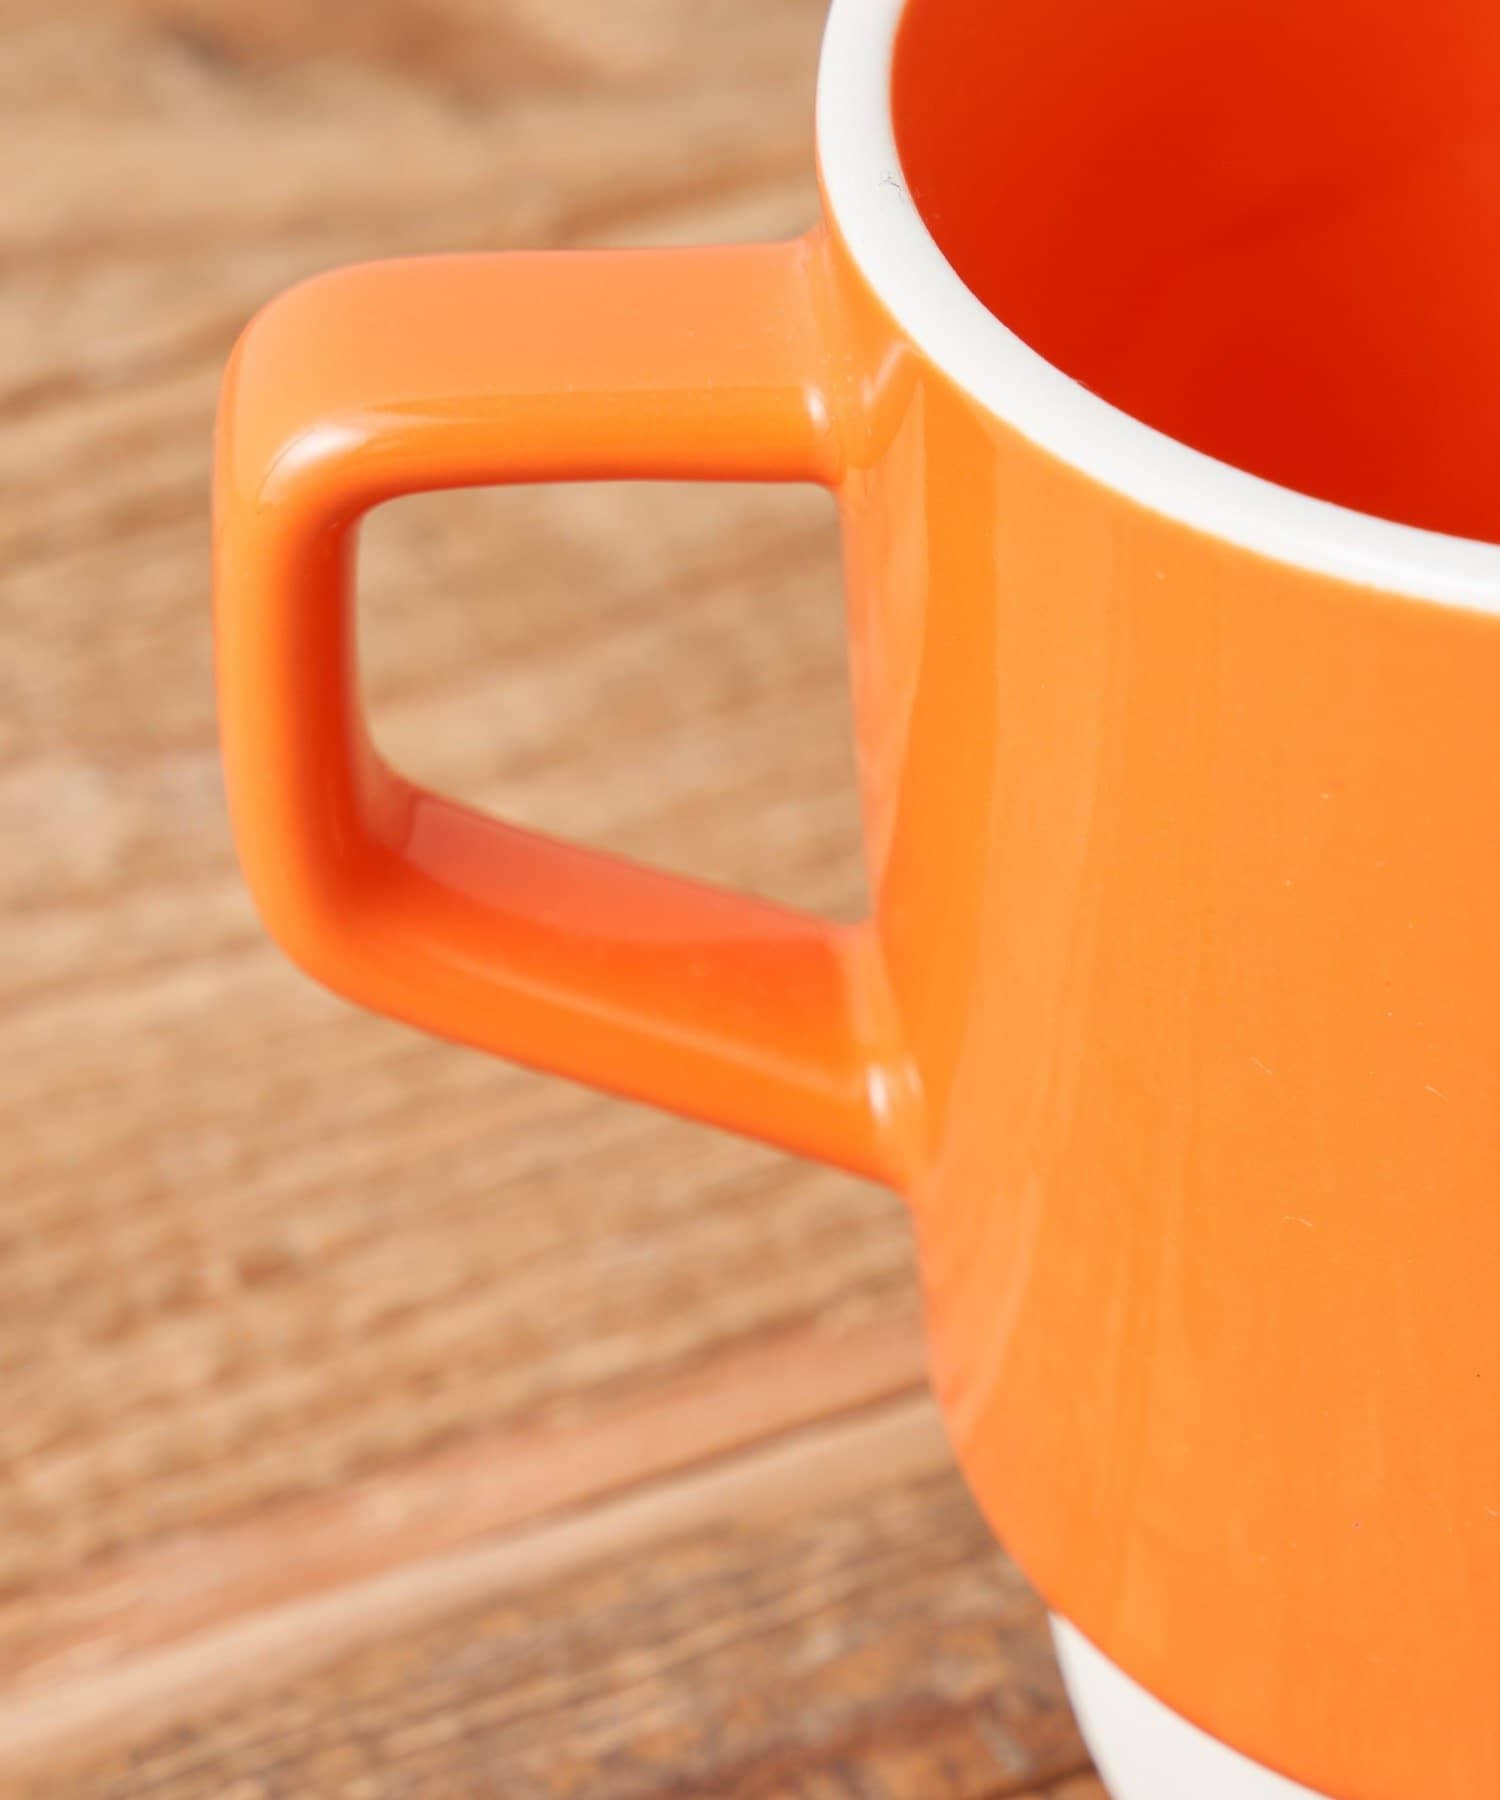 CIAOPANIC TYPY(チャオパニックティピー) 【Side Coffee Brewers】美濃焼 2トーンマグ